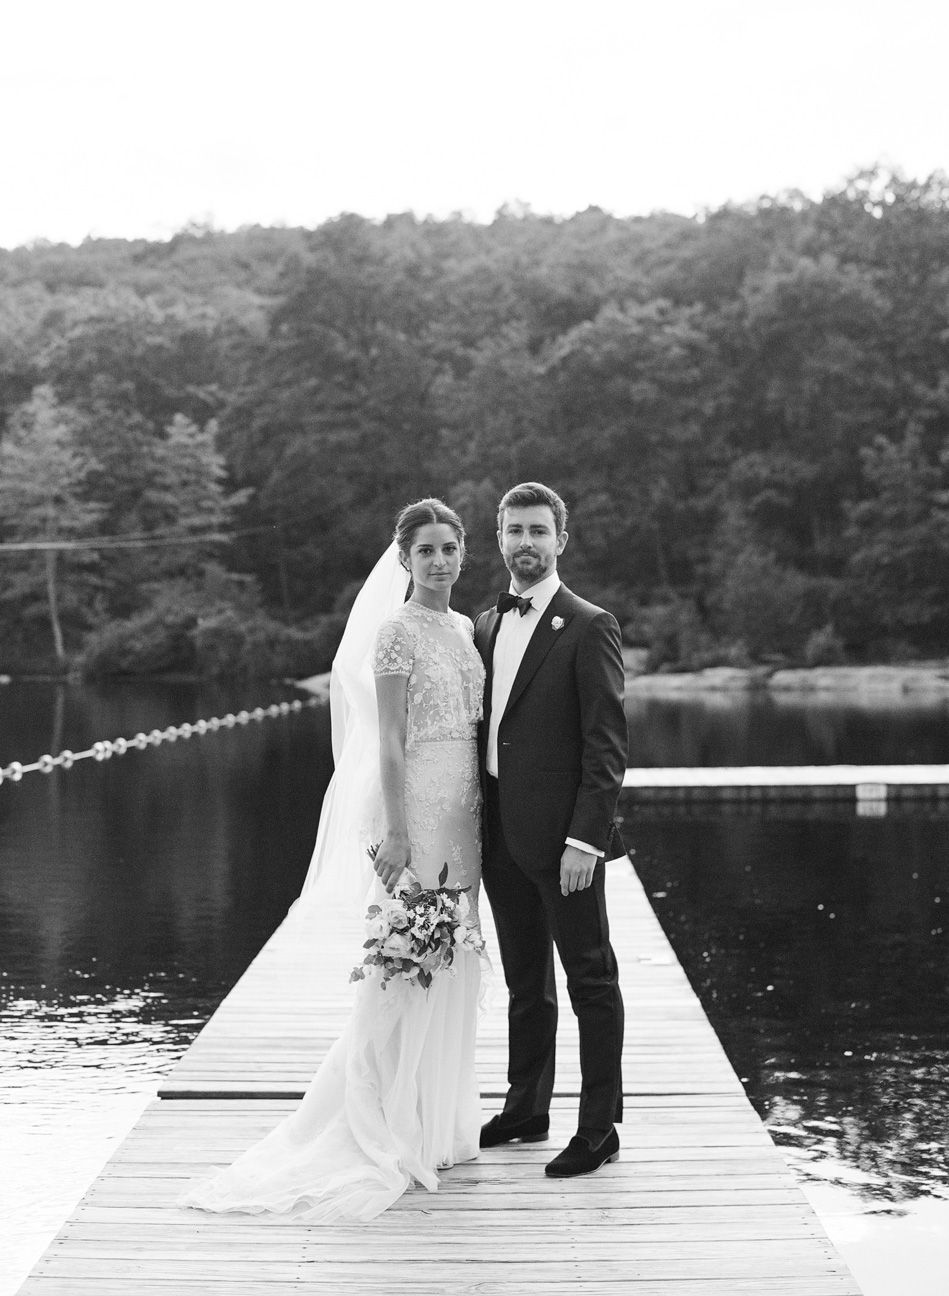 Wedding couple on a dock